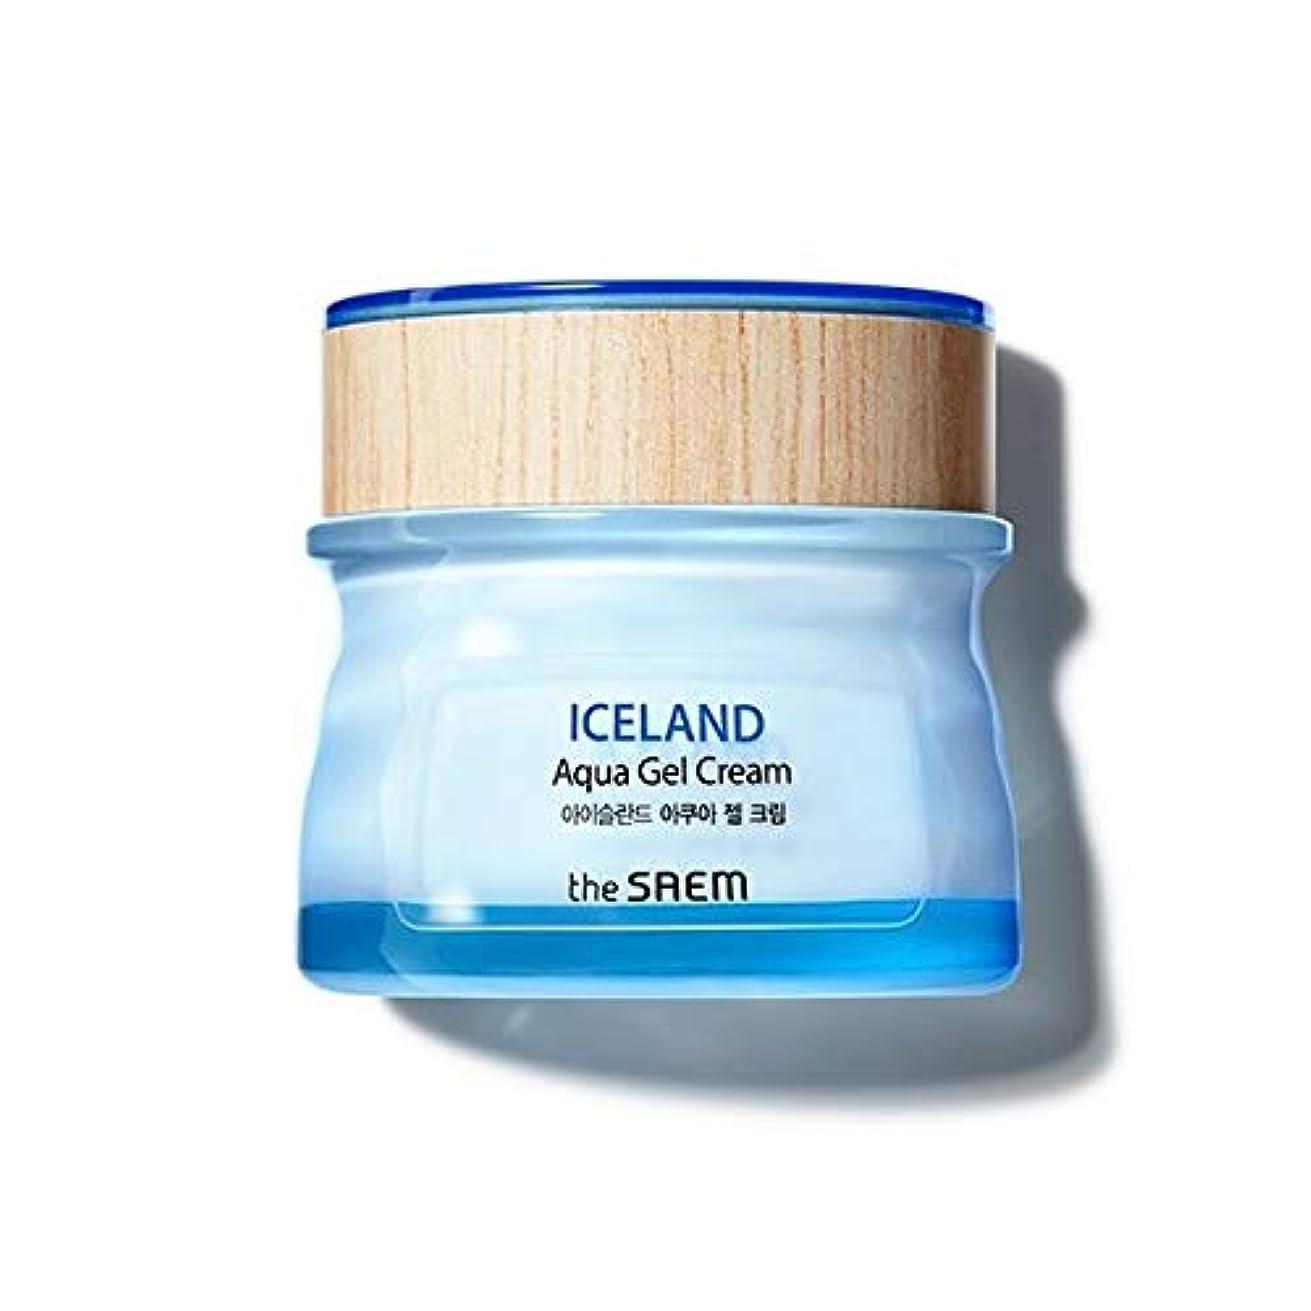 羊のランドリー誘発するThe saem Iceland Aqua Gel Cream ザセム アイスランド アクア ジェル クリーム 60ml [並行輸入品]